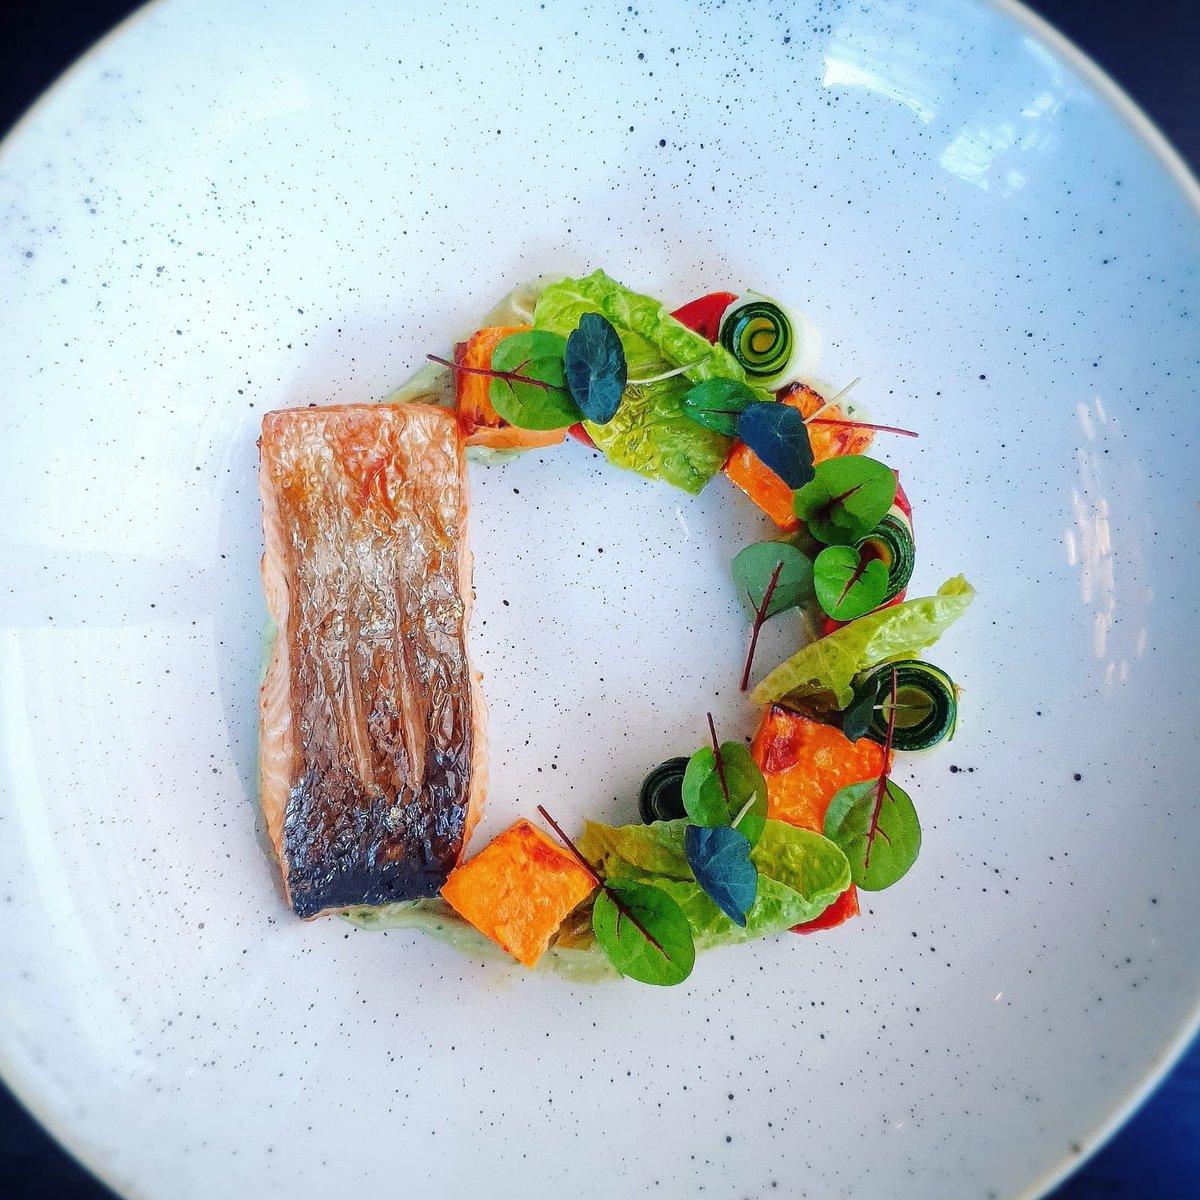 Today's special. Panfried Salmon, avocado mousse, sweet potato! 👩🍳  #dublincitycentre #dublinonourdoorstep #Ourteam #chefgoals #chefteam #dublinfood #dublindining https://t.co/V0MmjwJjcV